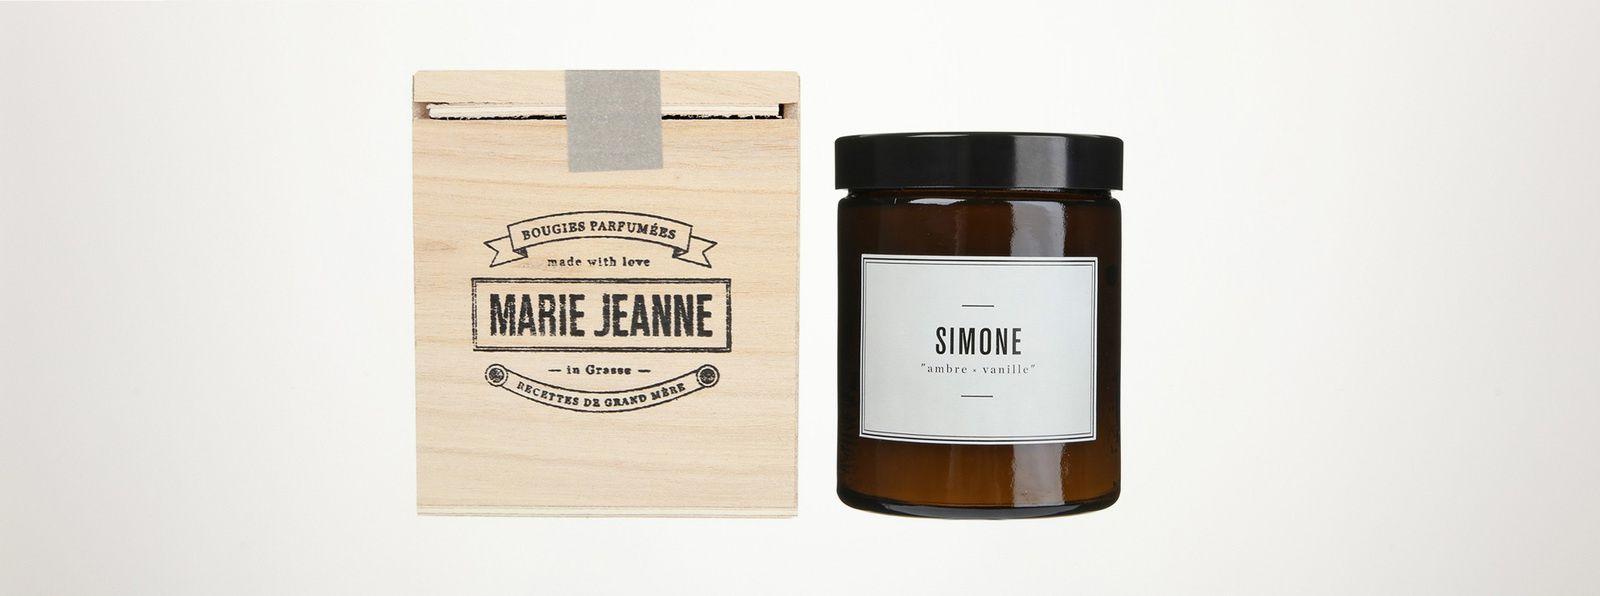 Marie Jeanne / Simone